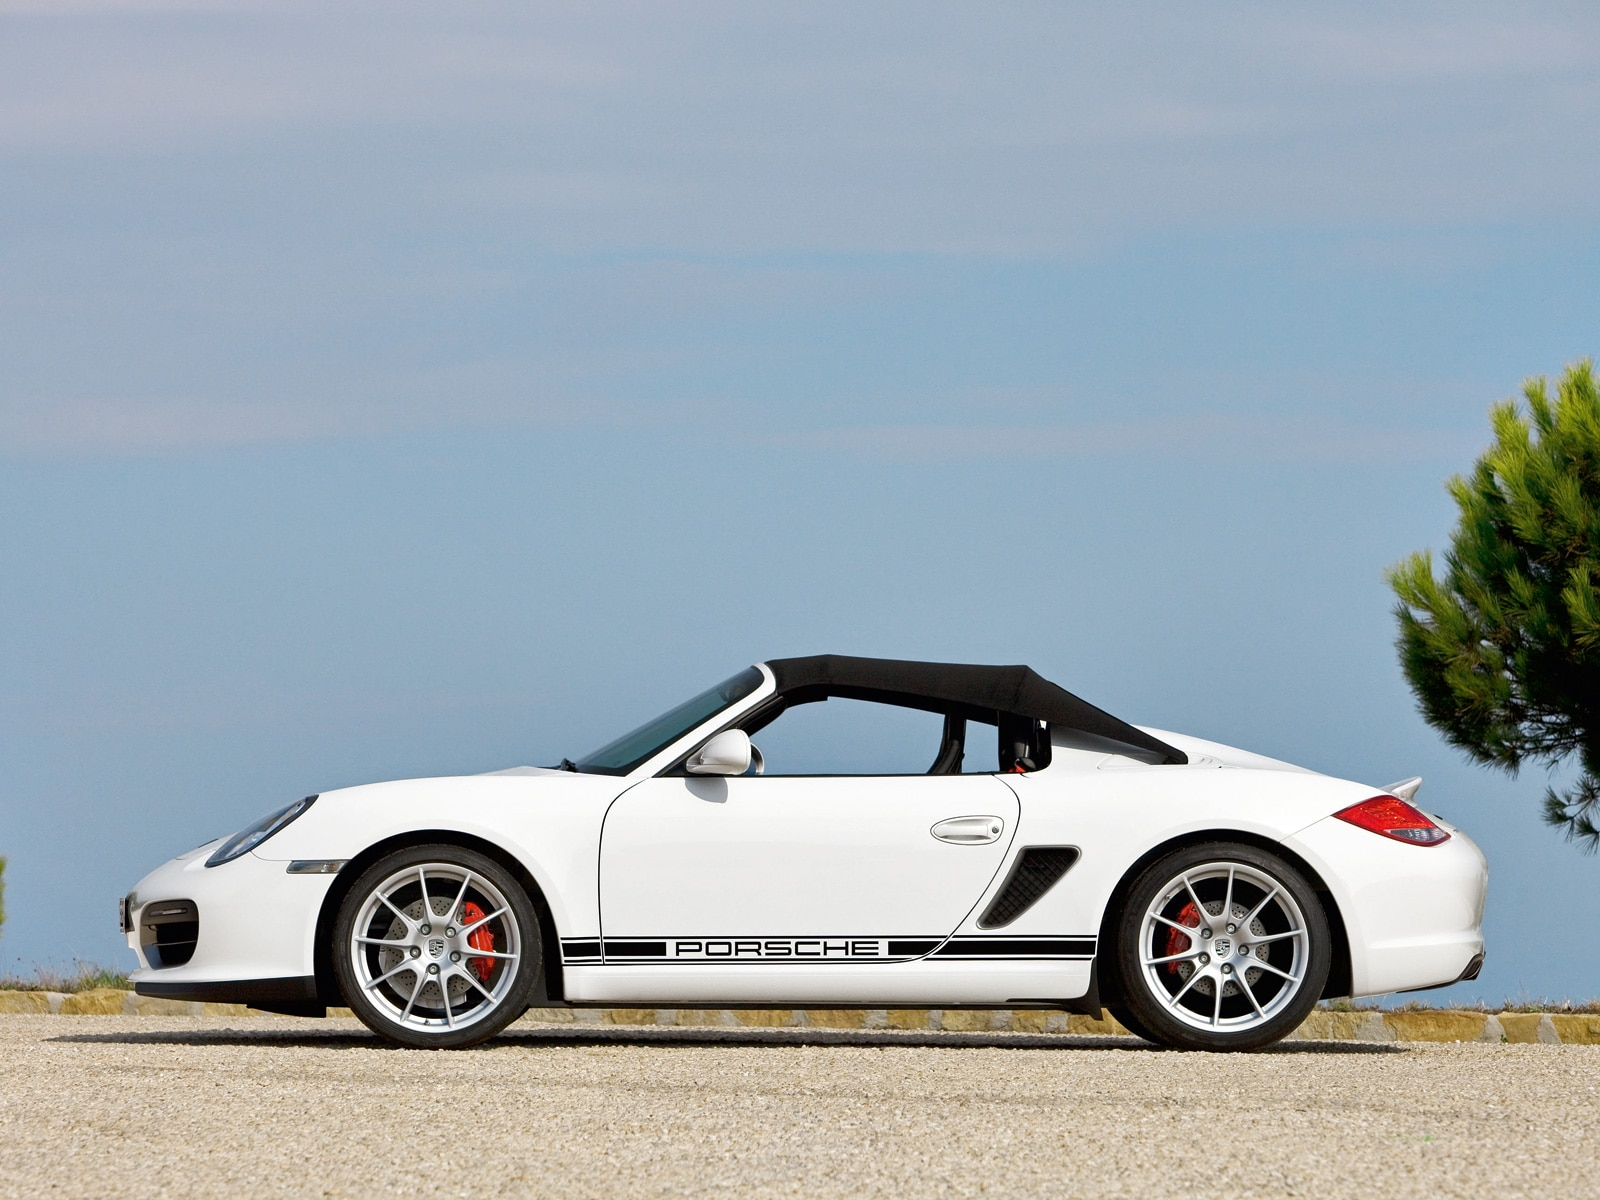 0911 02 Z 2011 Porsche Boxster Spyder Side